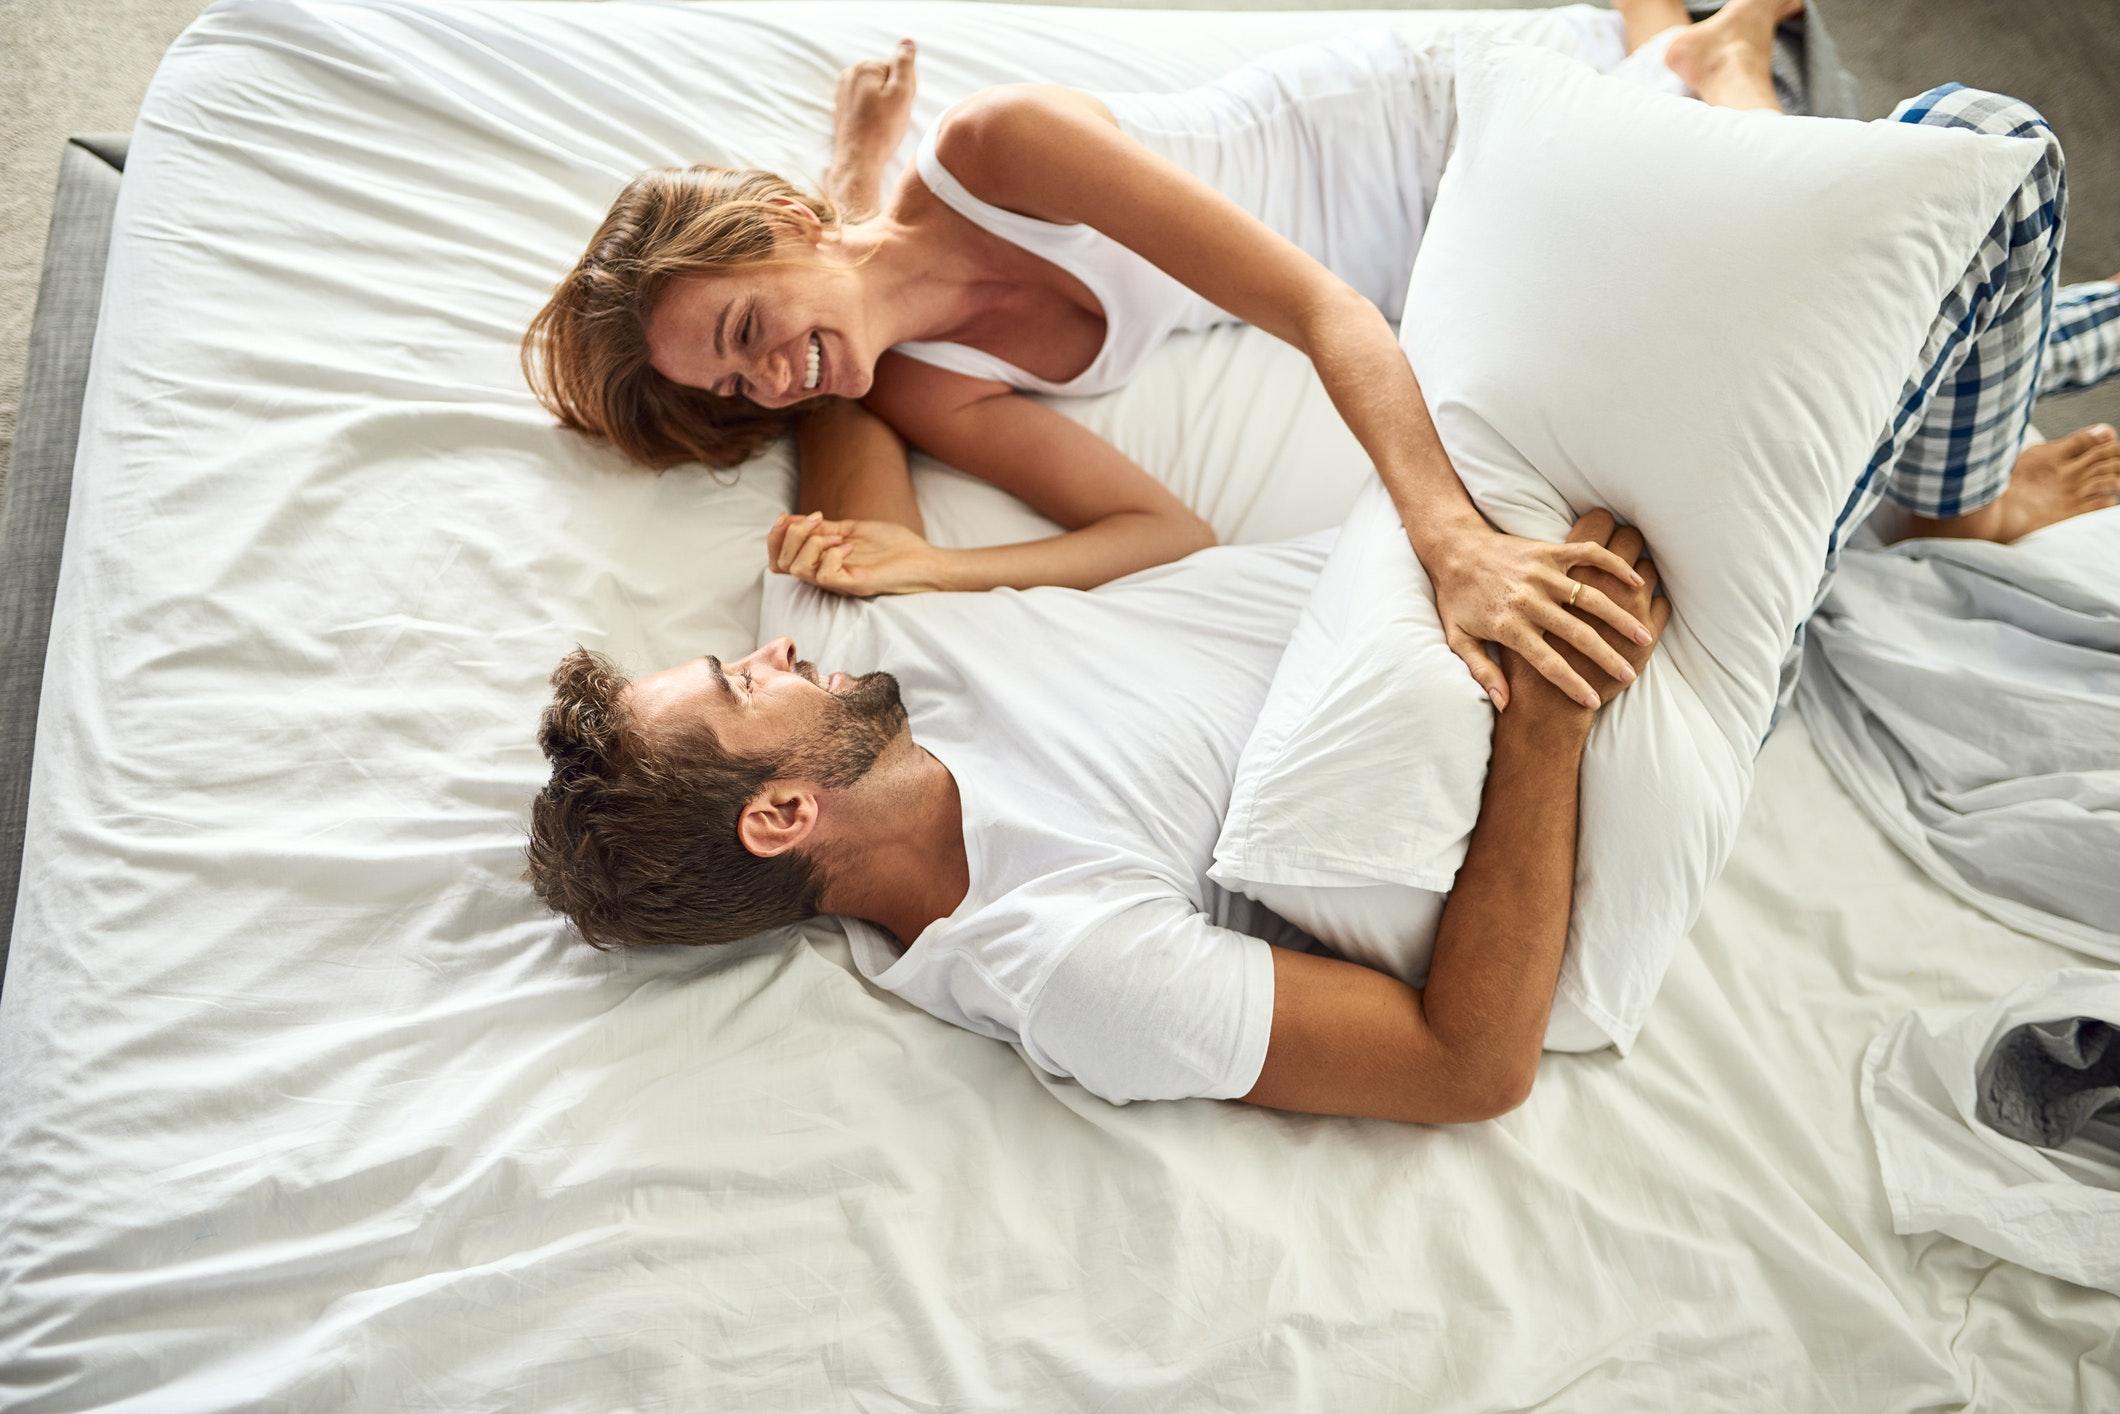 lækker kvindelige krop mavepine efter samleje